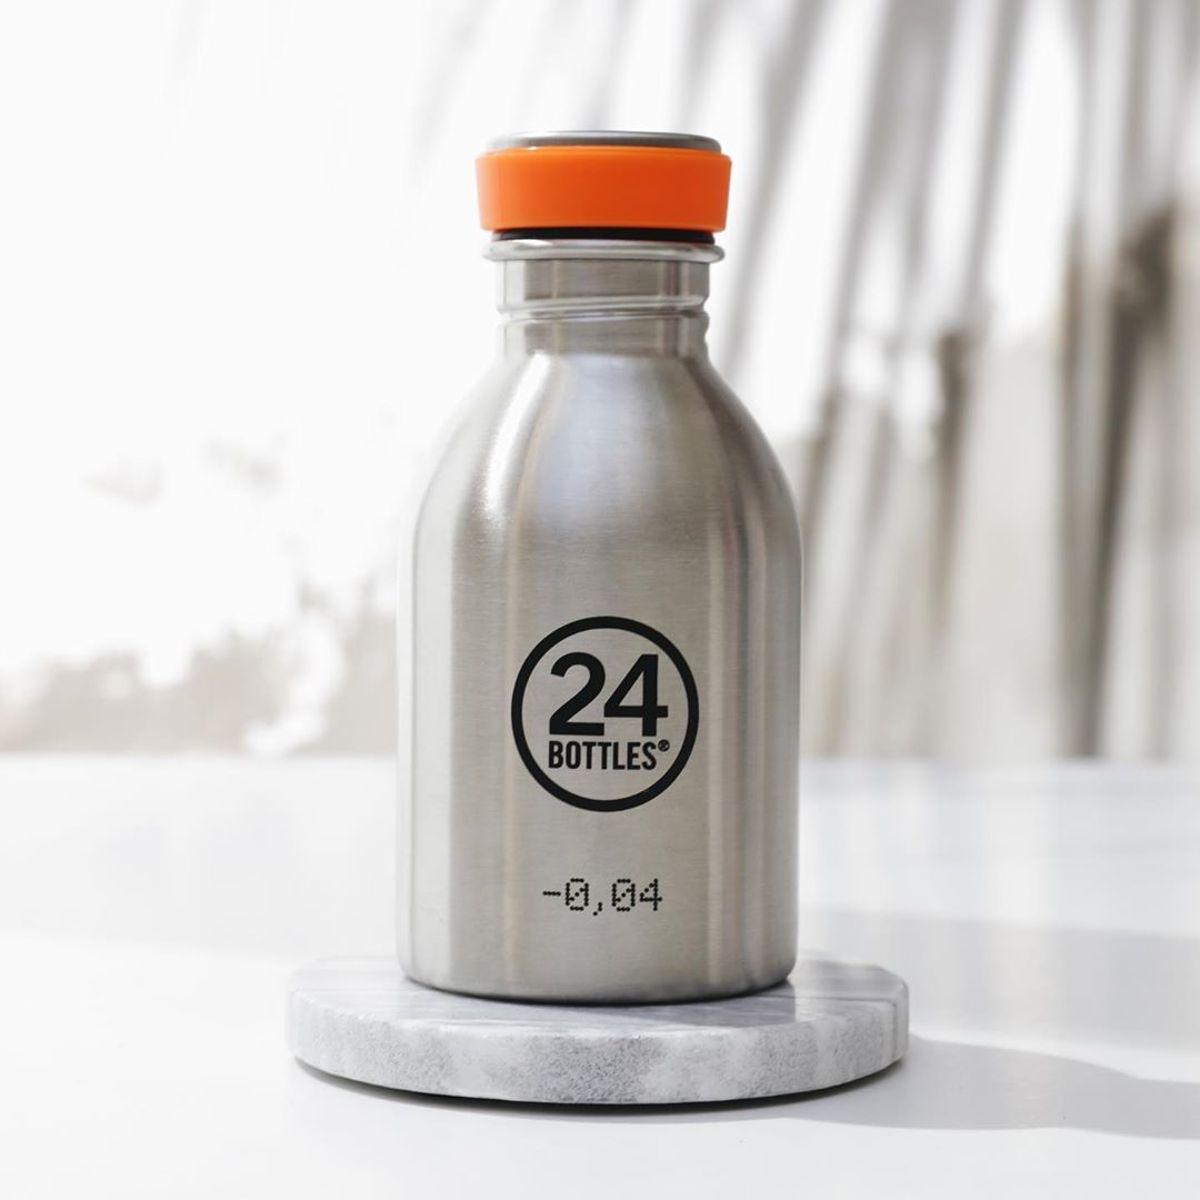 """まだ、「ペットボトルの水」 買ってるの? 《URBAN-250ml STEEL》""""私らしさ""""を選べる、イタリアンデザイン光る「マイボトル」 24Bottles"""